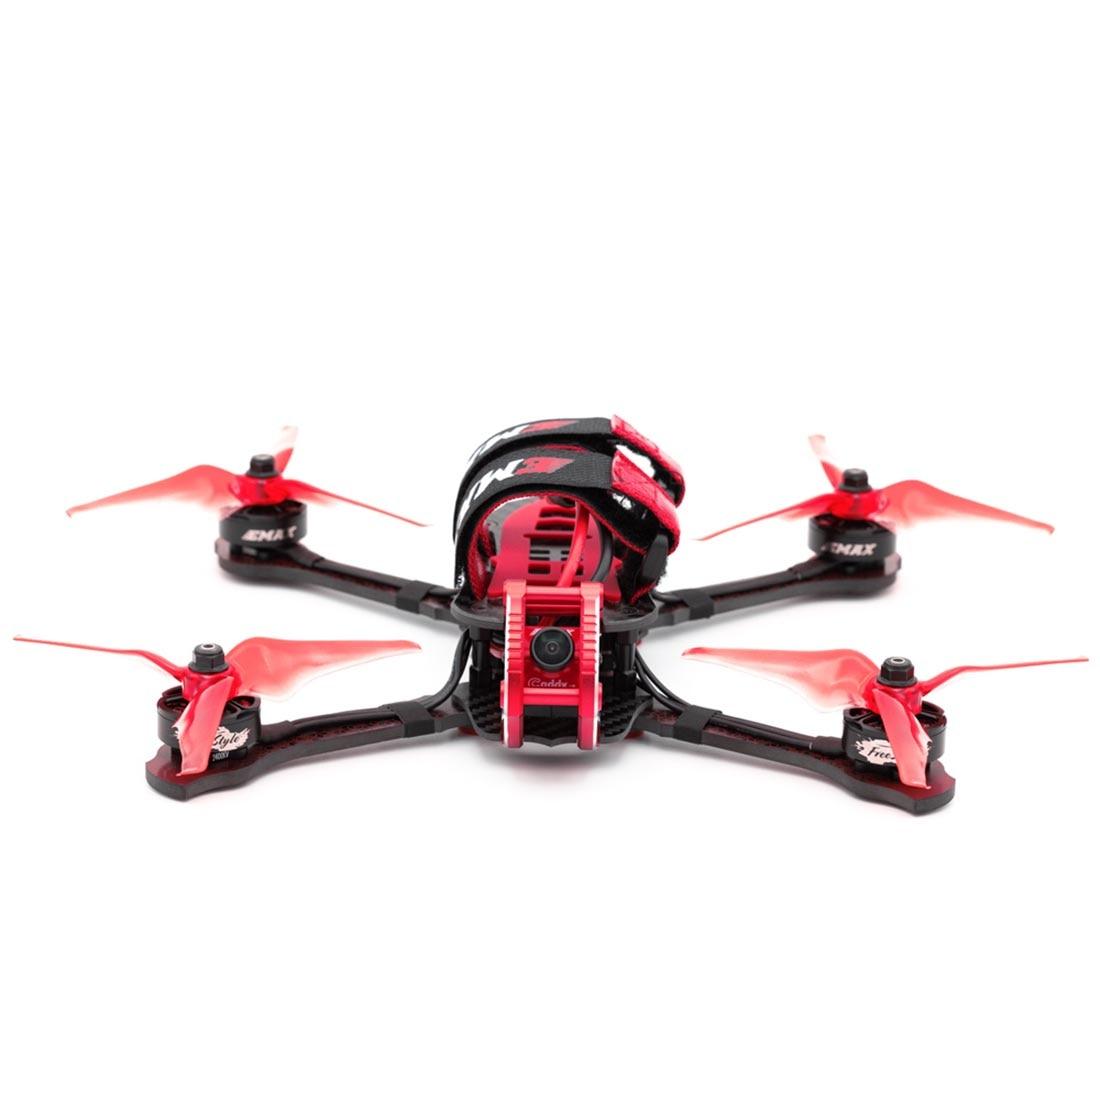 Emax الطنانة 245 مللي متر F4 1700KV 5 بوصة 1700KV 5 6 S/2400KV 4 S FPV سباق كاميرا طائرة دون طيار PNP/BNF w XM + استقبال ل حرة Quadcopter-في قطع غيار وملحقات من الألعاب والهوايات على  مجموعة 3